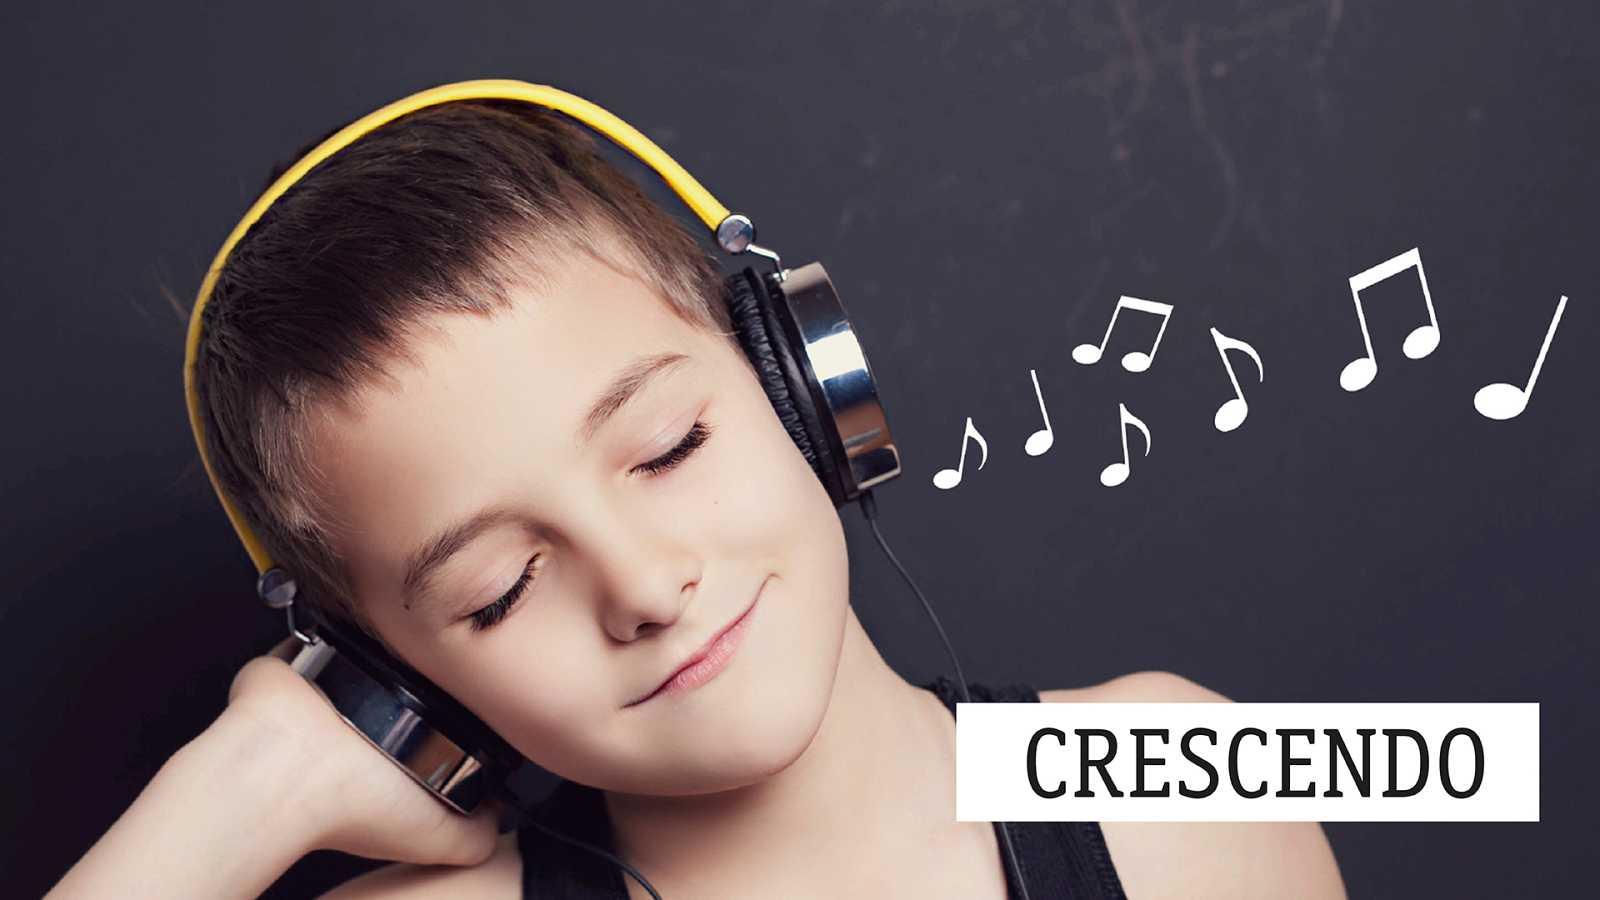 Crescendo - Amy Beach: Carnaval para niños (II) - 24/10/20 - escuchar ahora